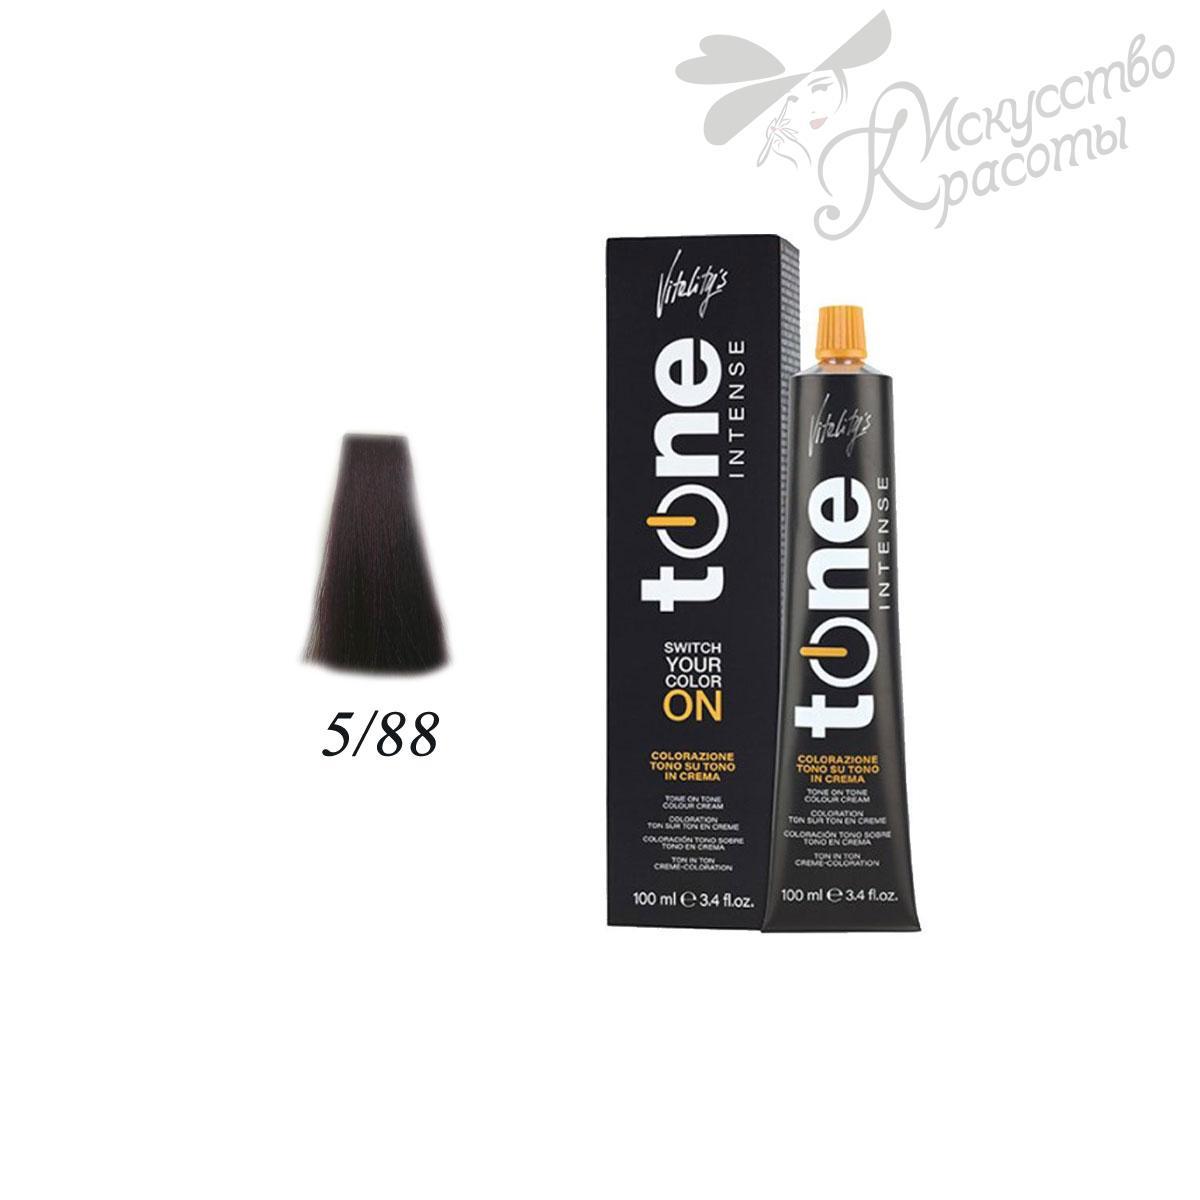 Краска для волос 5/88 насыщенно фиолетовый светло-каштановый Tone Intense Vitality's 100мл